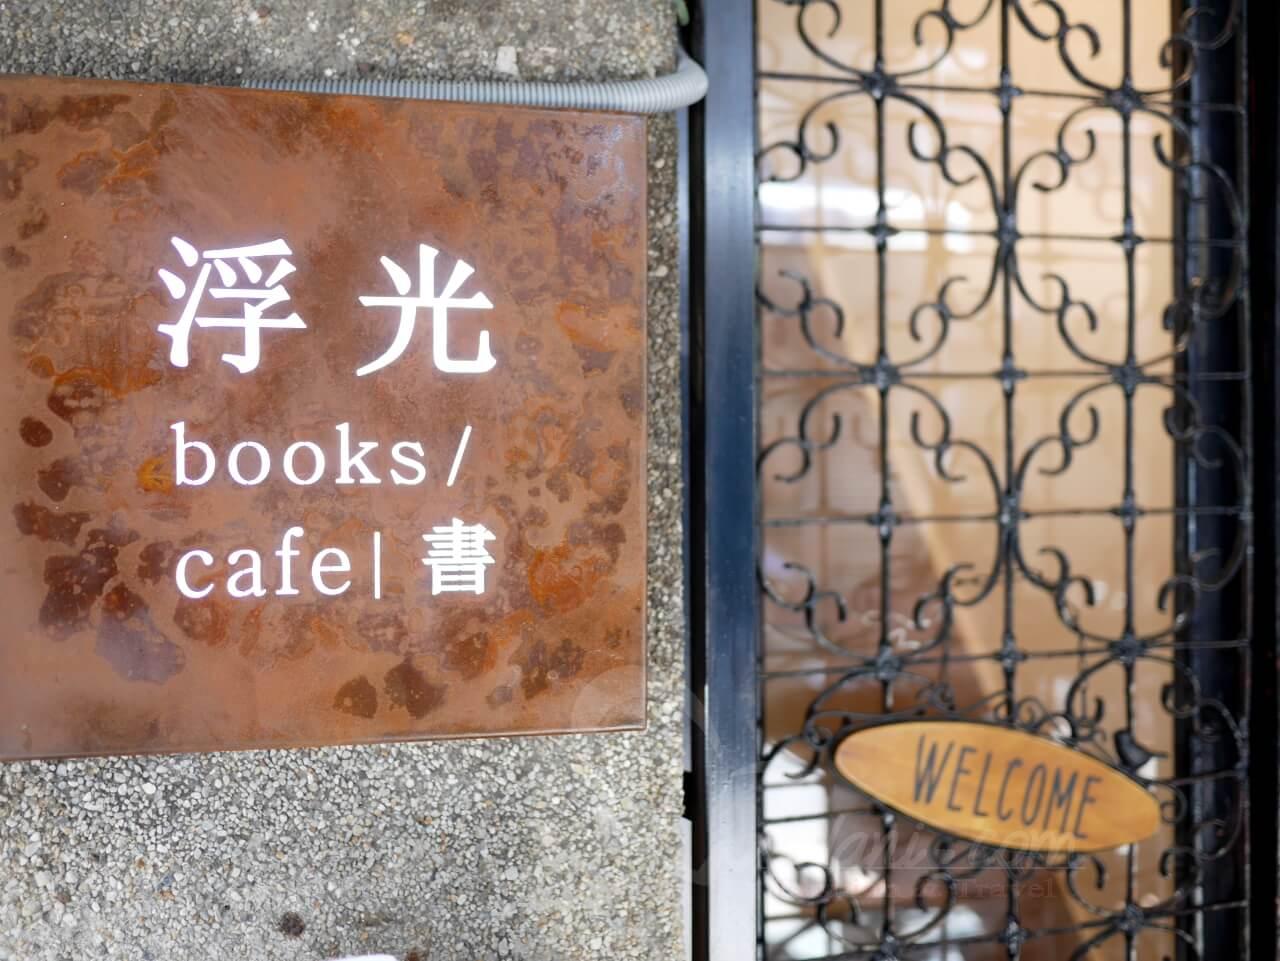 赤峰街浮光書店,隱身在懷舊老屋中的書香、咖啡香-台北咖啡廳